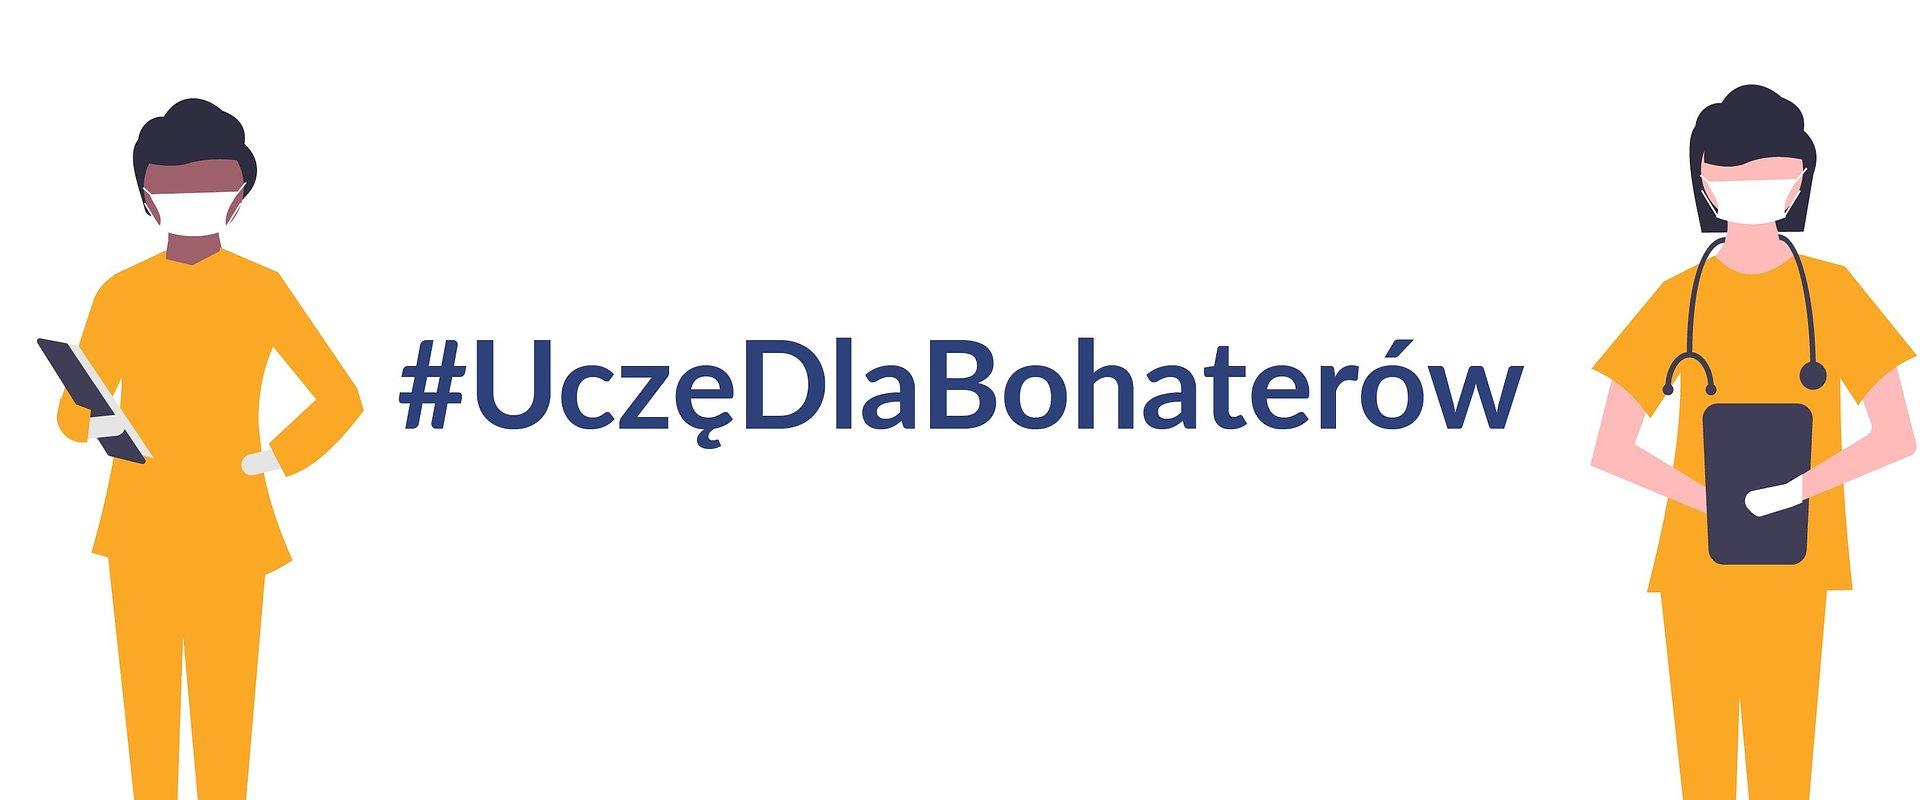 ZnanyLekarz.pl partnerem akcji #UczeDlaBohaterow